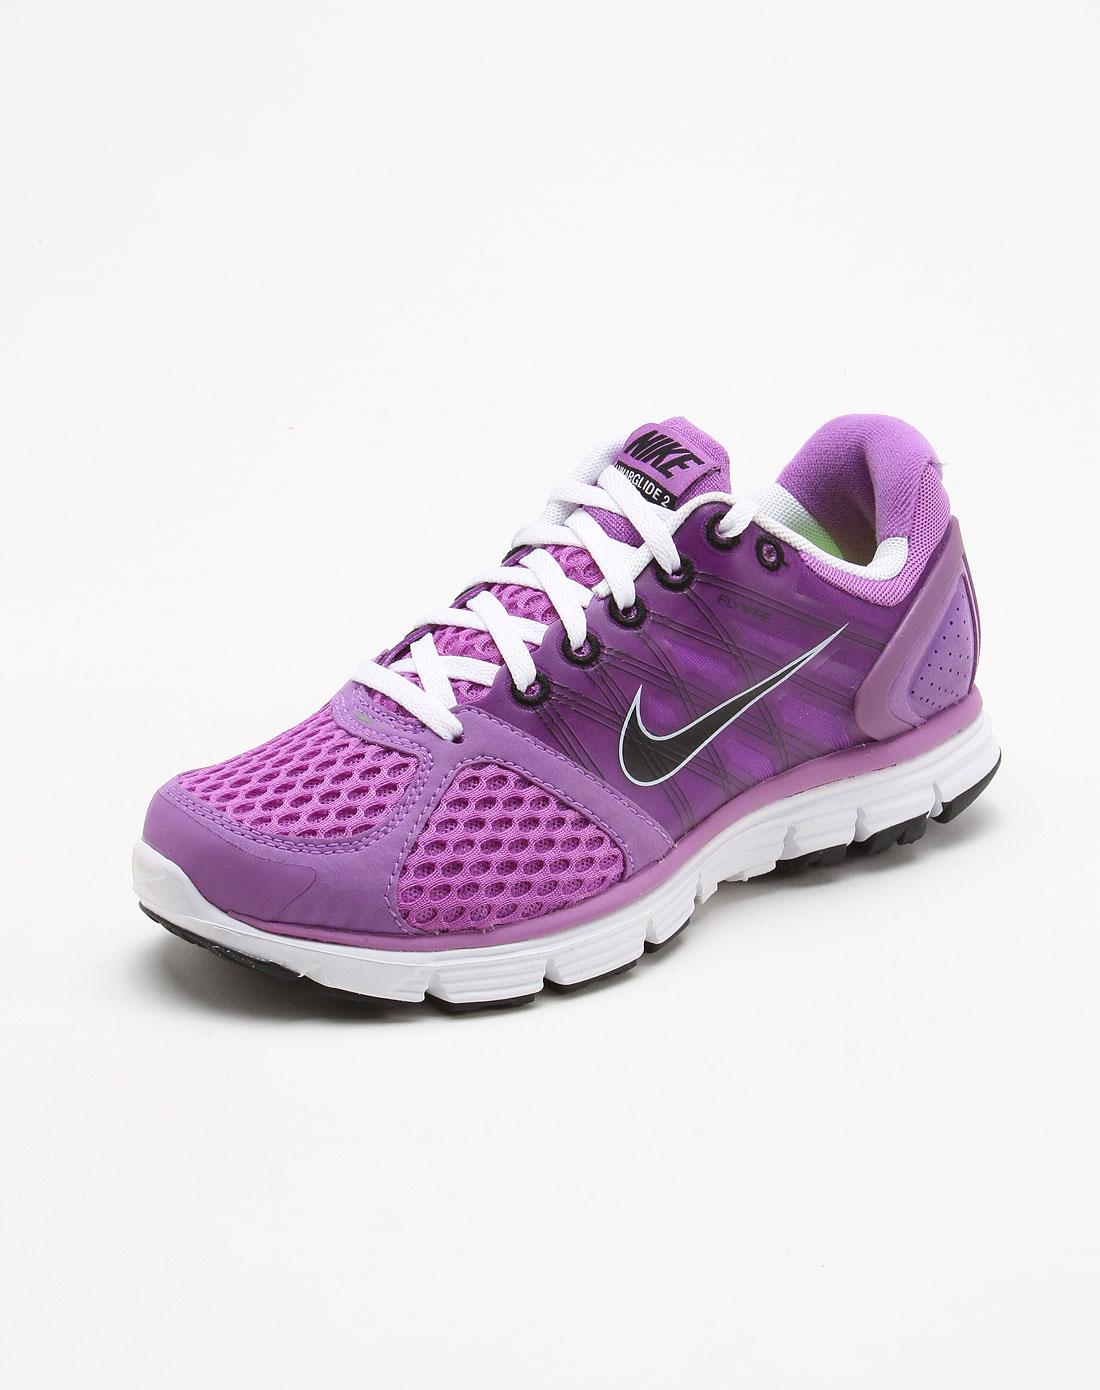 耐克nike-女鞋专场-紫色绑带运动鞋